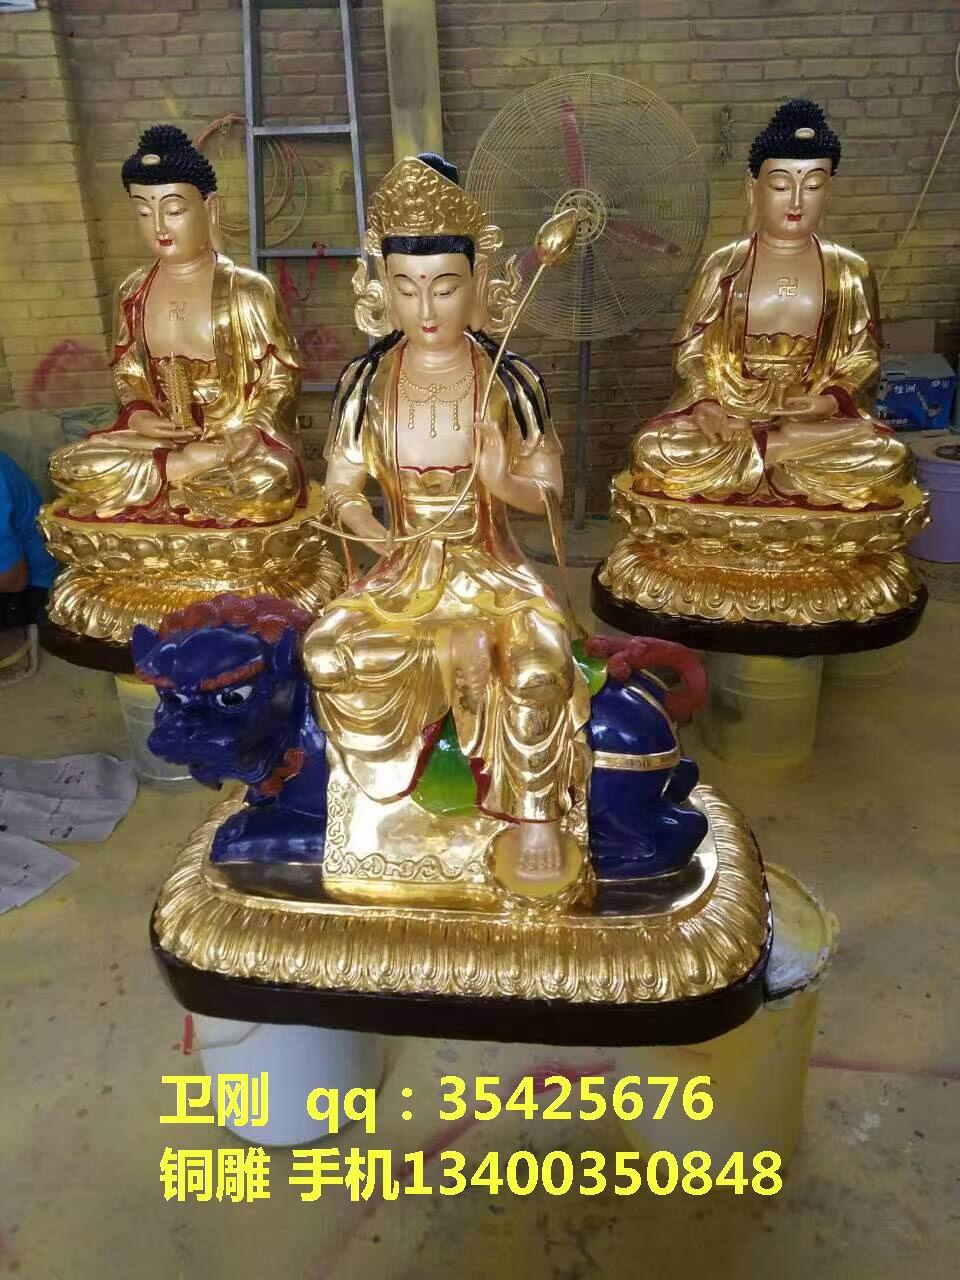 大型铜佛像铸造厂、铜雕佛像厂、铜雕文殊普贤、铜雕工艺品